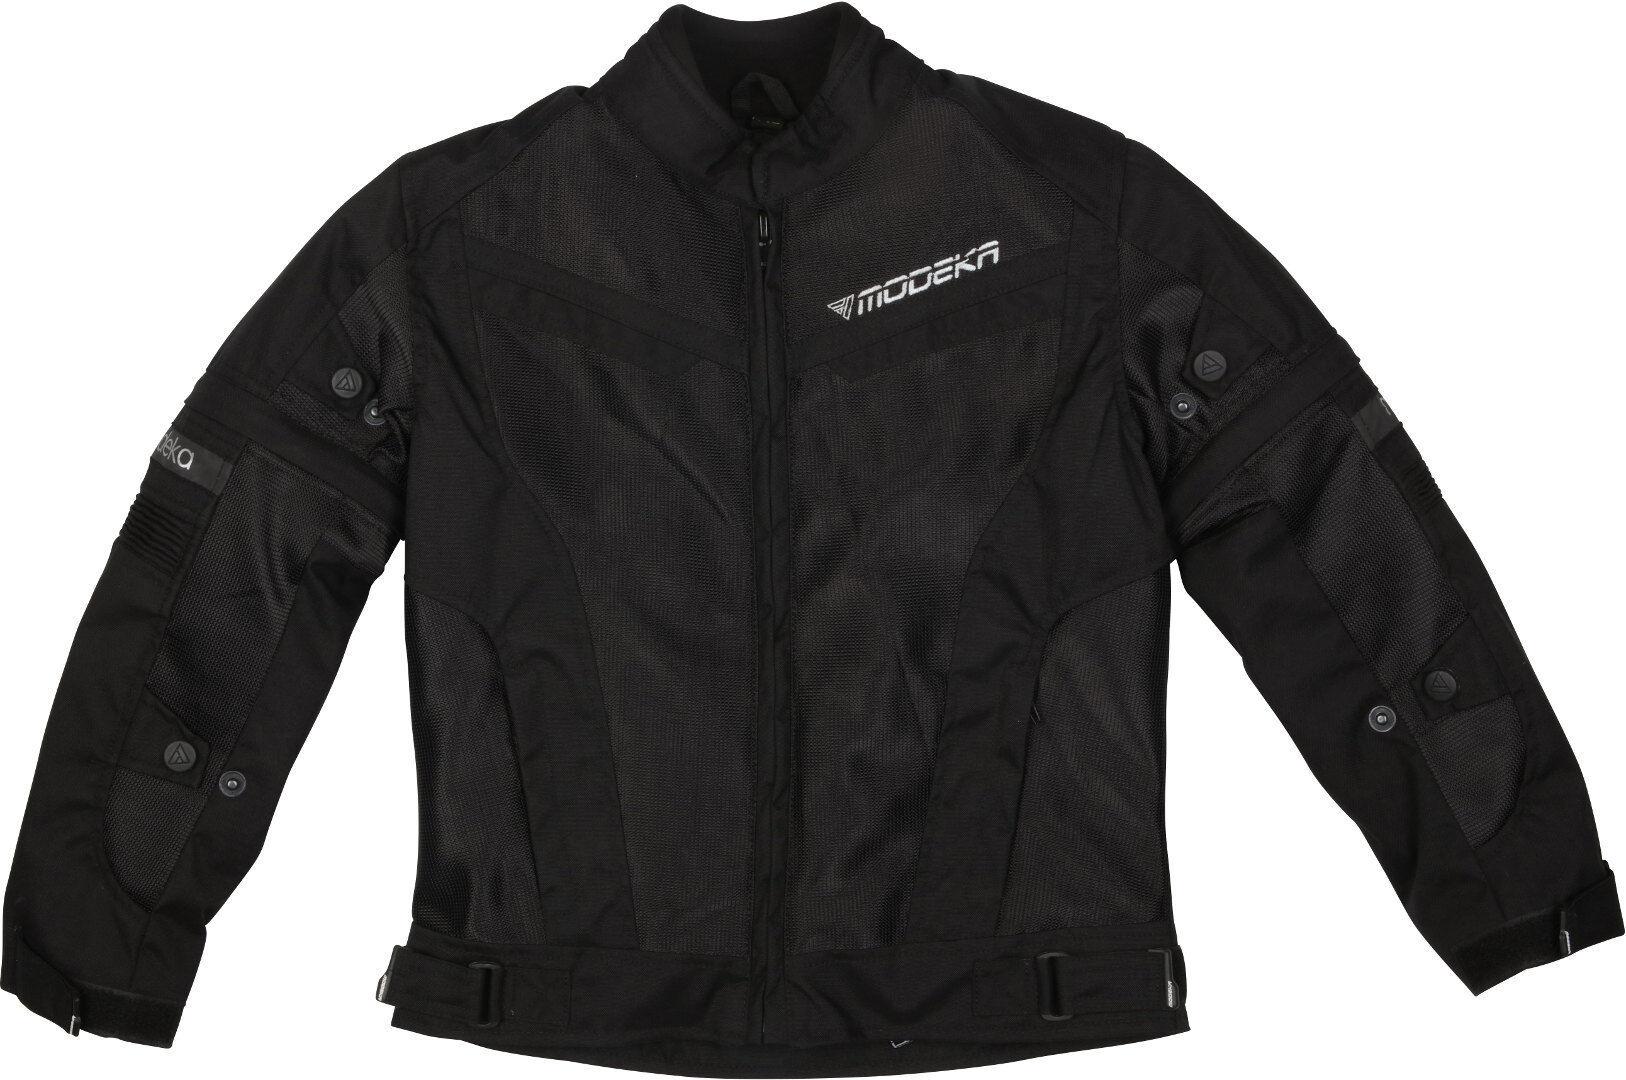 Modeka X-Vent Veste textile de moto pour enfants Noir taille : M 164